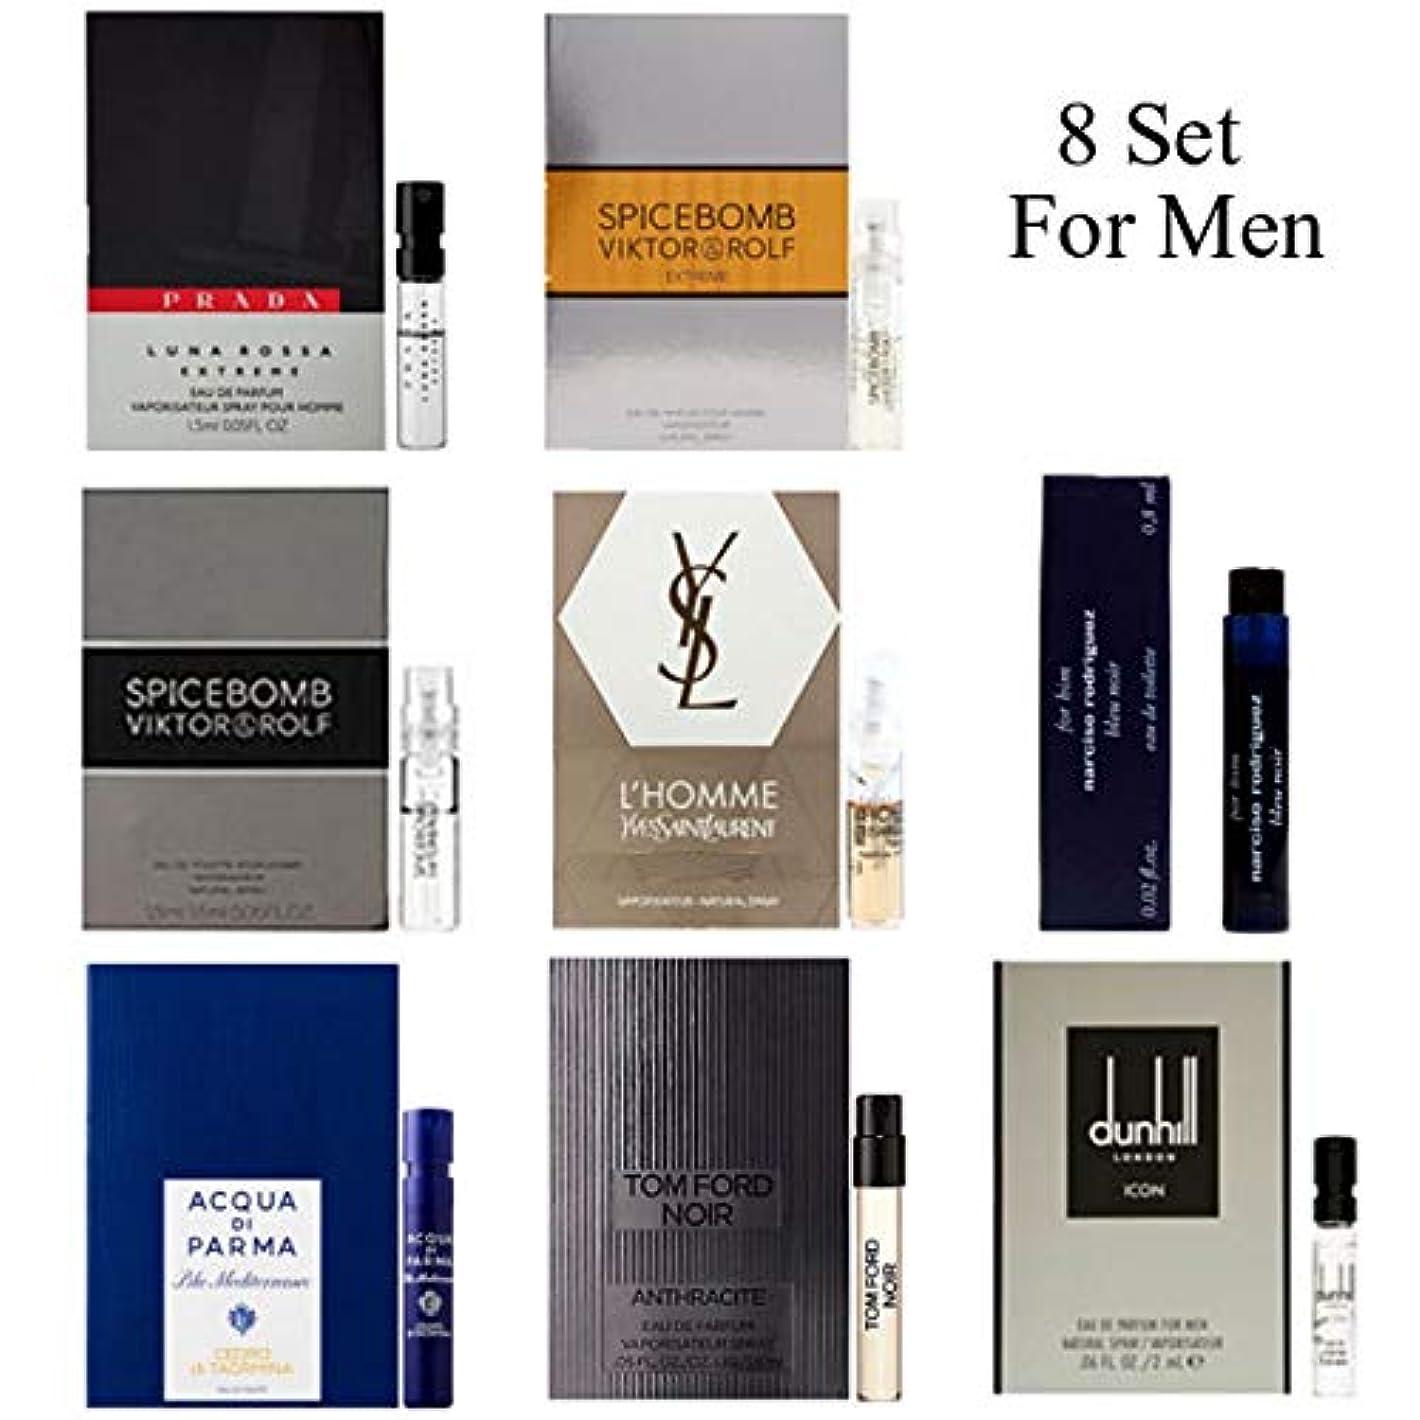 敷居リビジョン添加男性用 Eau de Parfum (Eau de Toilette) For Men Samples 8/set [海外直送品] [並行輸入品]v